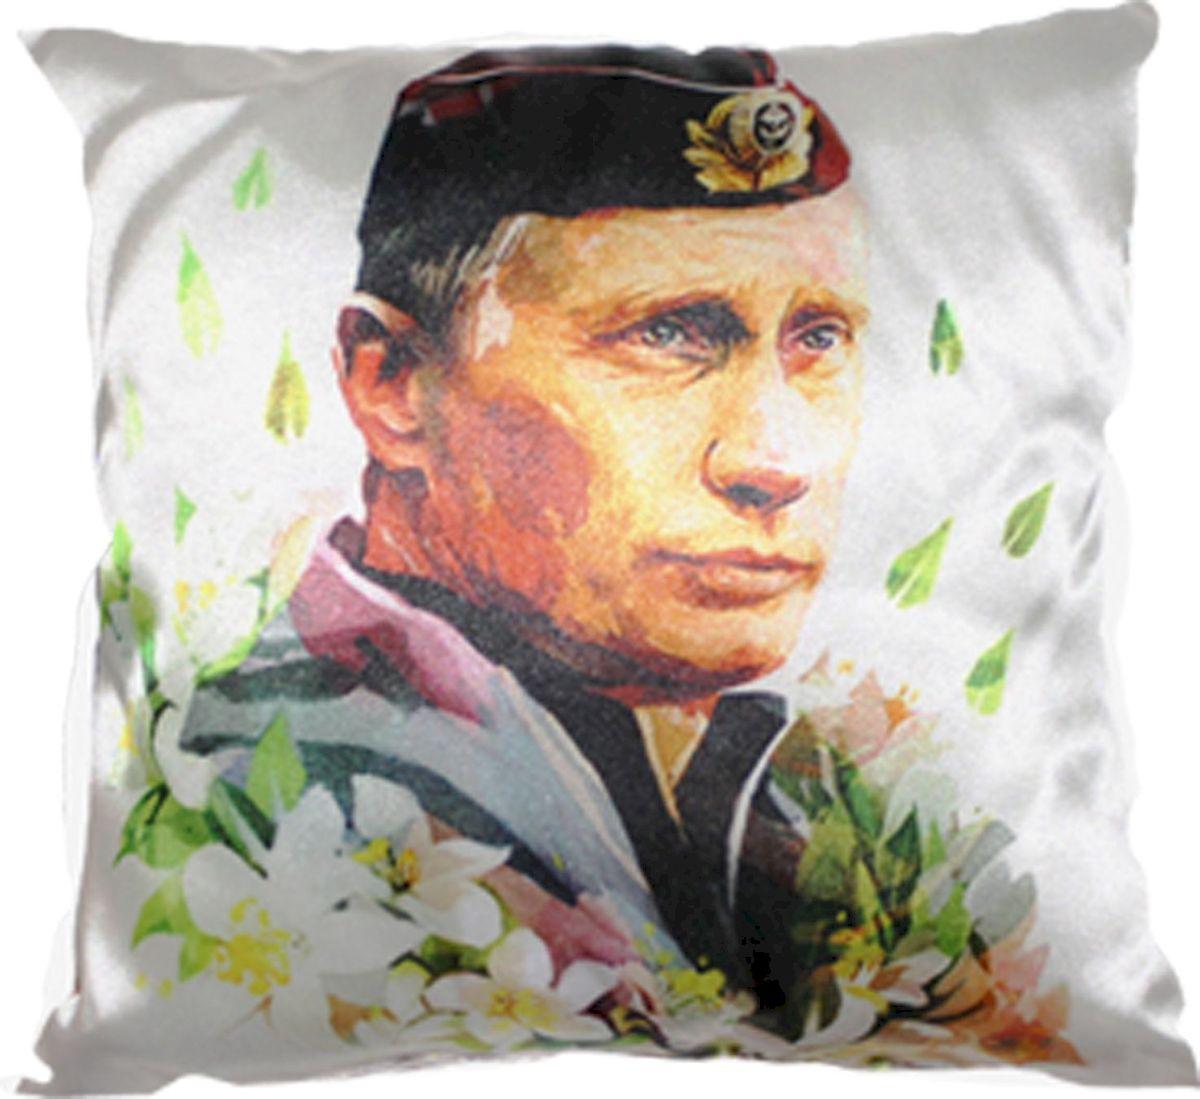 Подушка автомобильная Главдор Путин в пилотке, 30х30 см. GL-151GL-151Декоративные подушки c апликацией в салон автомобиля.